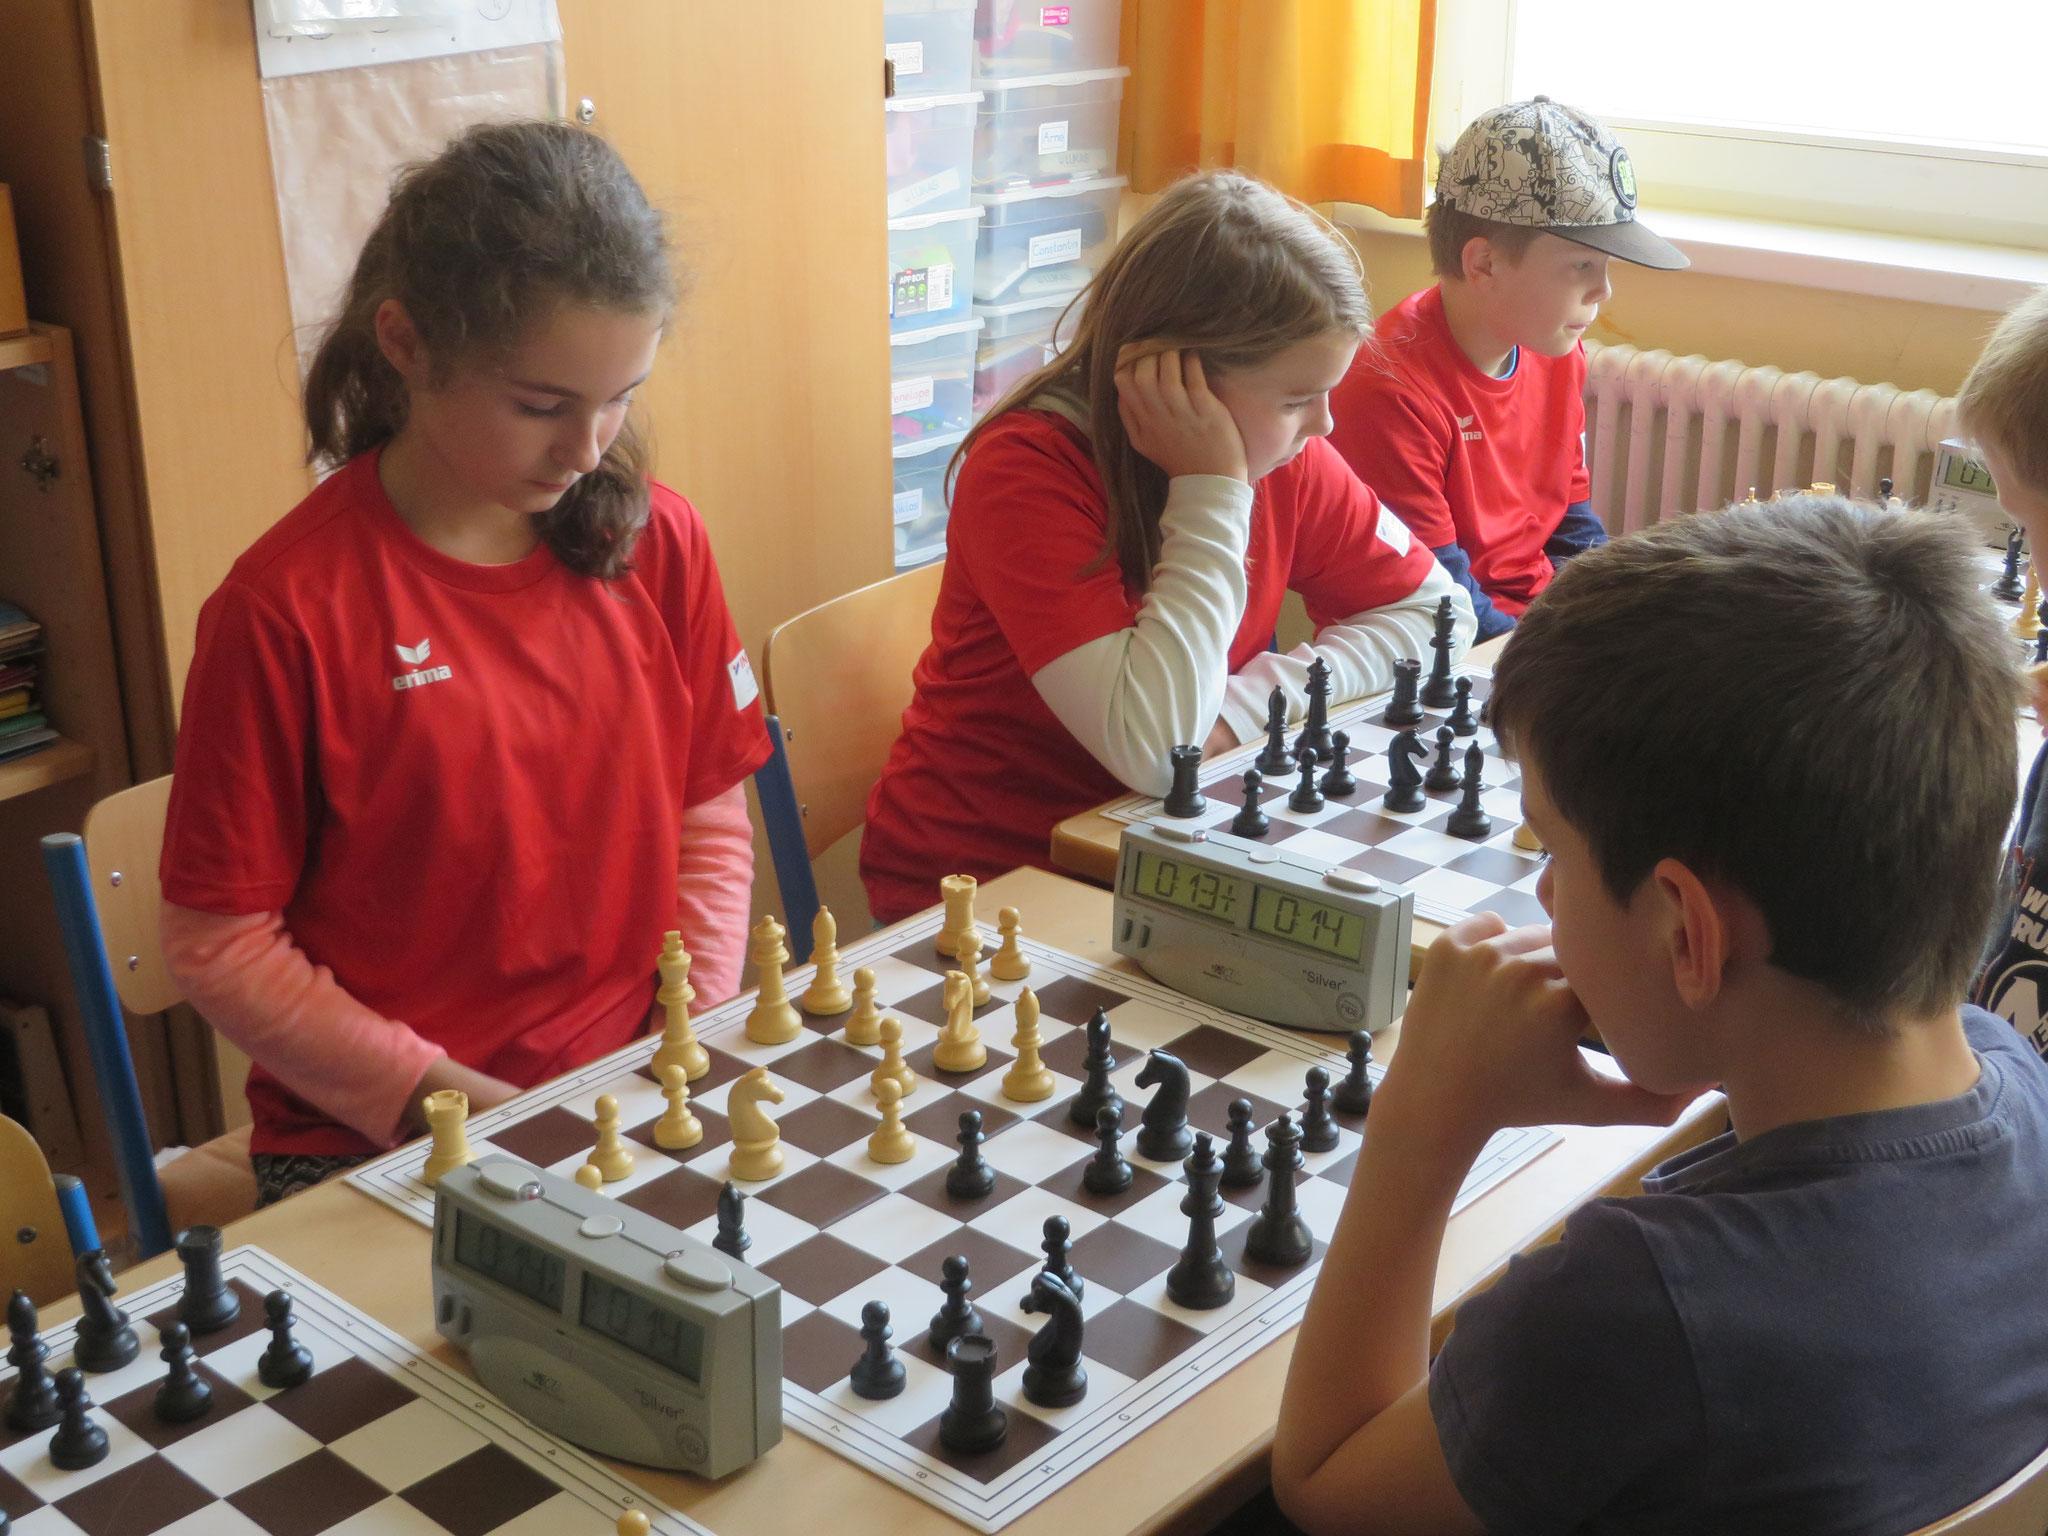 AK 2 : Das Team der Werner-Seelenbinder-GS II in Runde 7 mit Mia (Brett 2) , Zoe (Brett 3) und Leon (Brett 4) ; Tony (Brett 1) war zu schnell fertig in der Runde für ein Foto